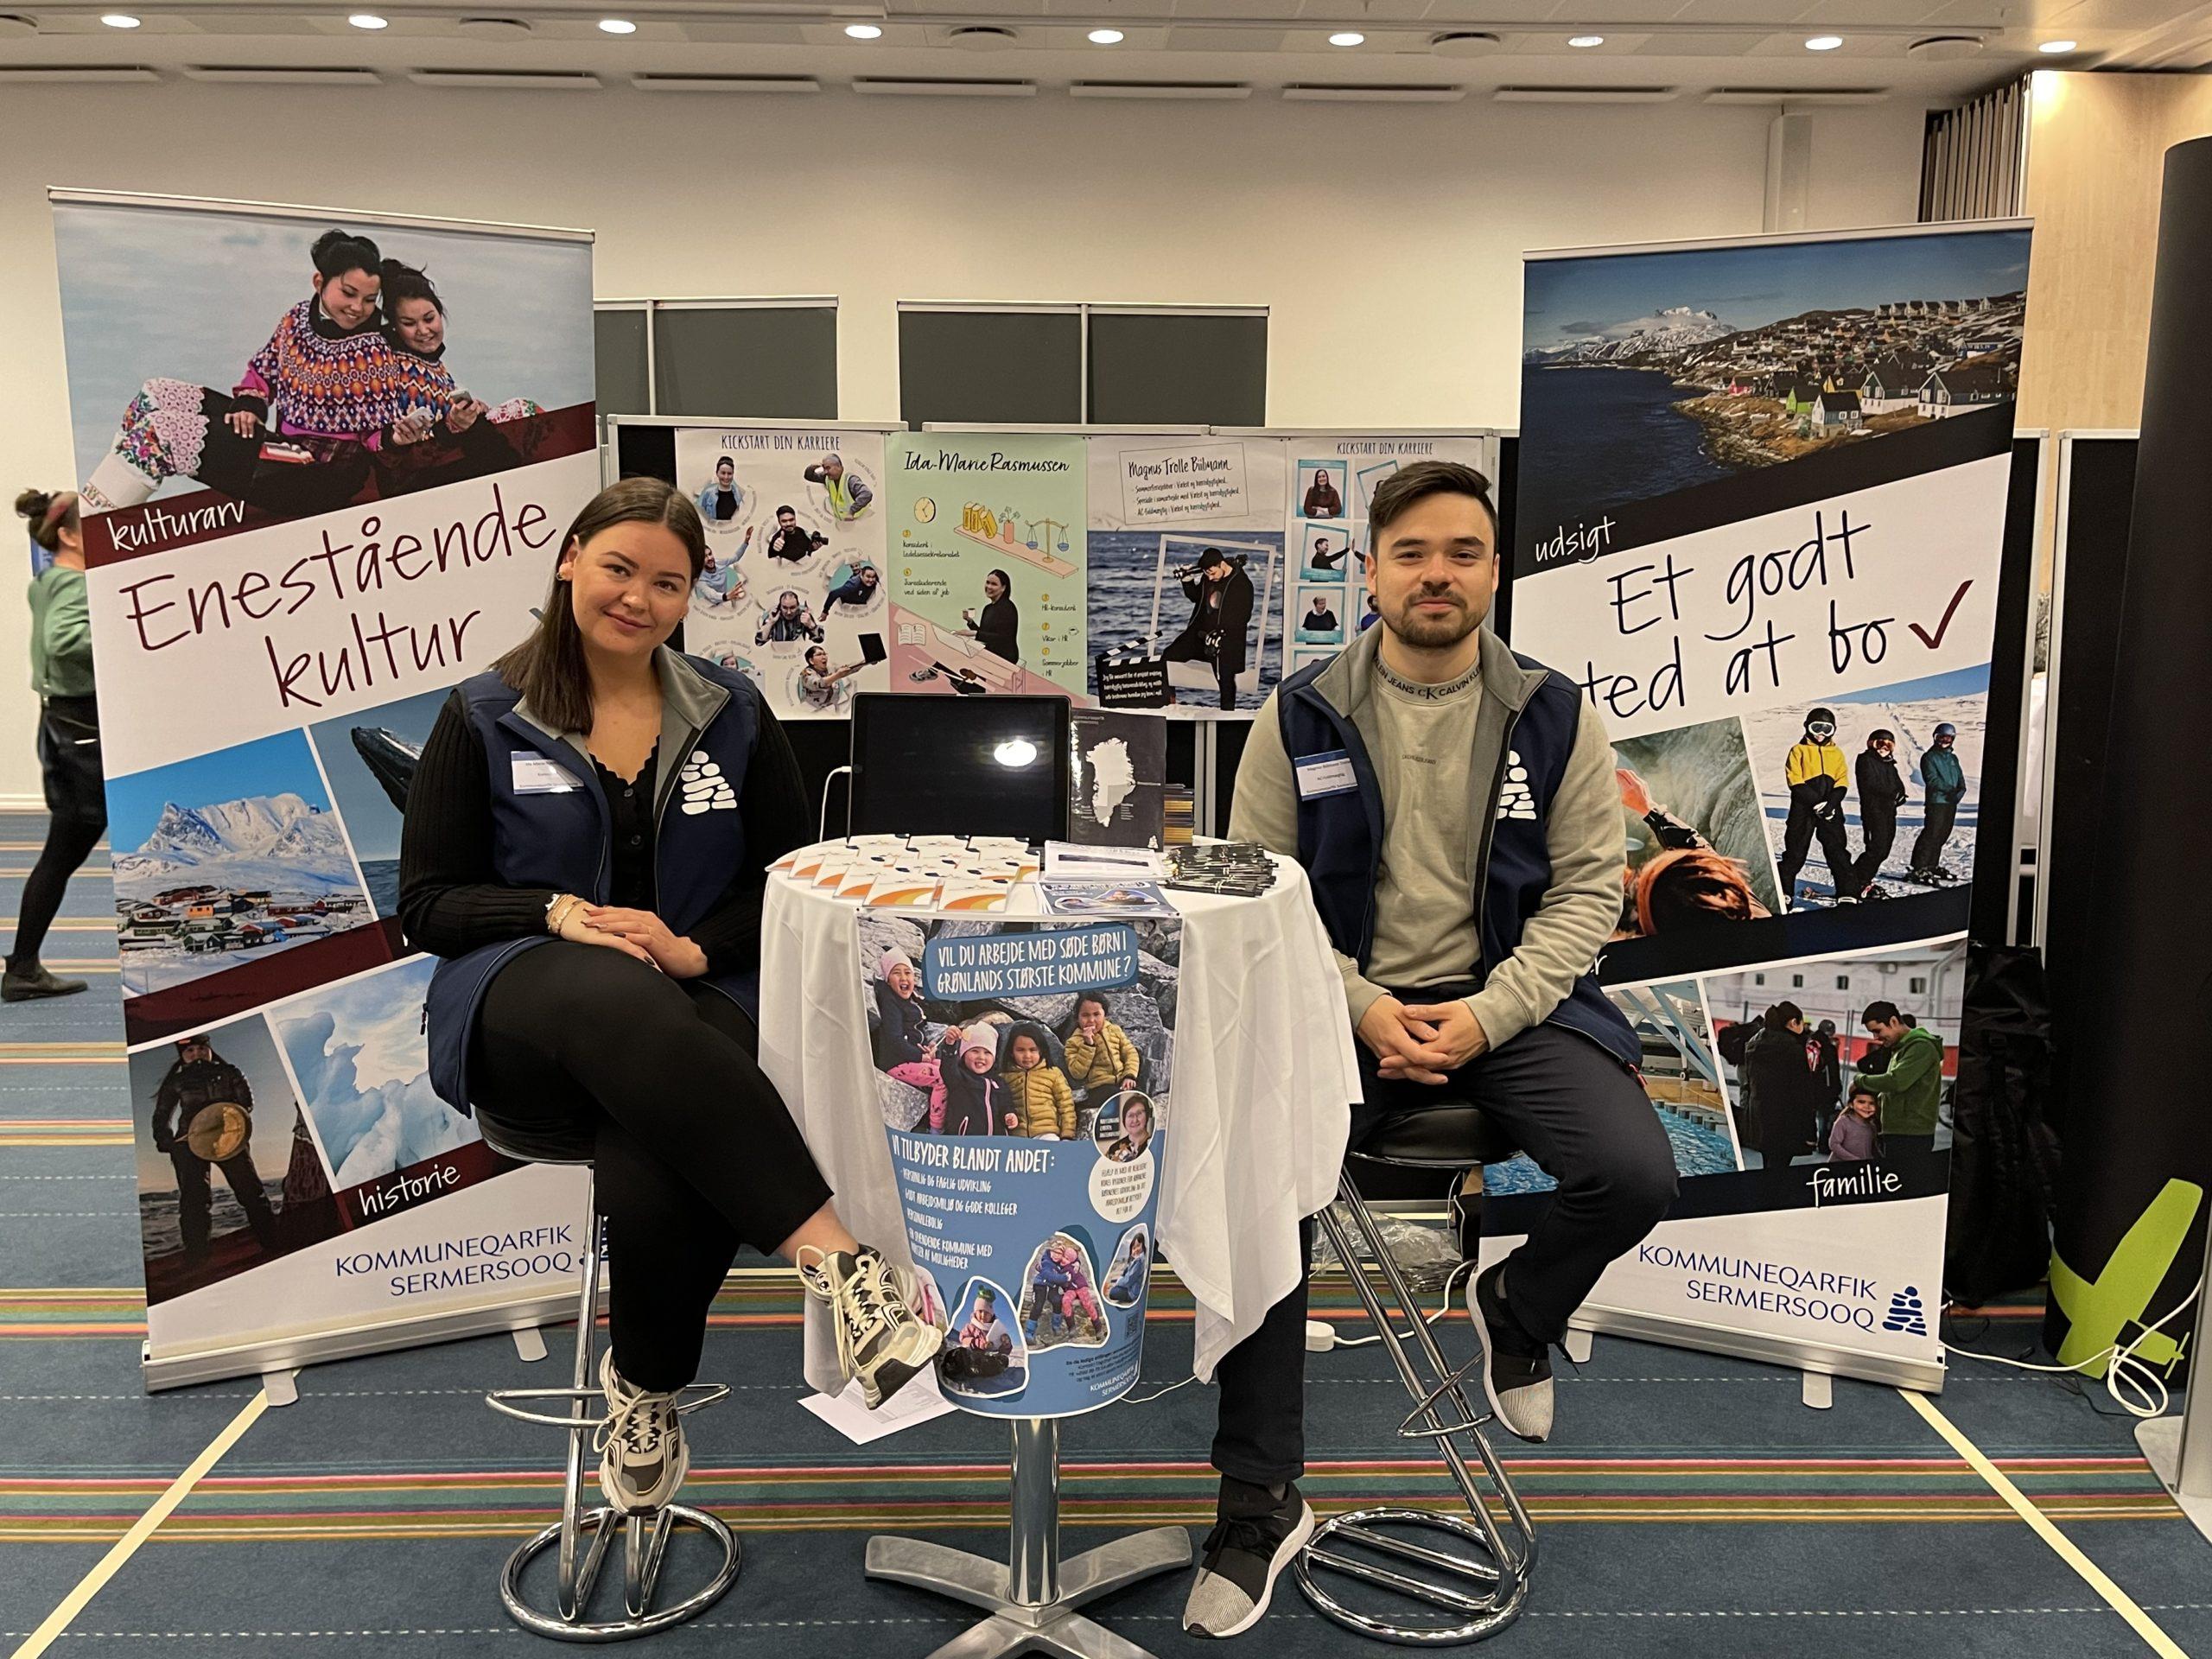 Vellykket jobmesse i Danmark